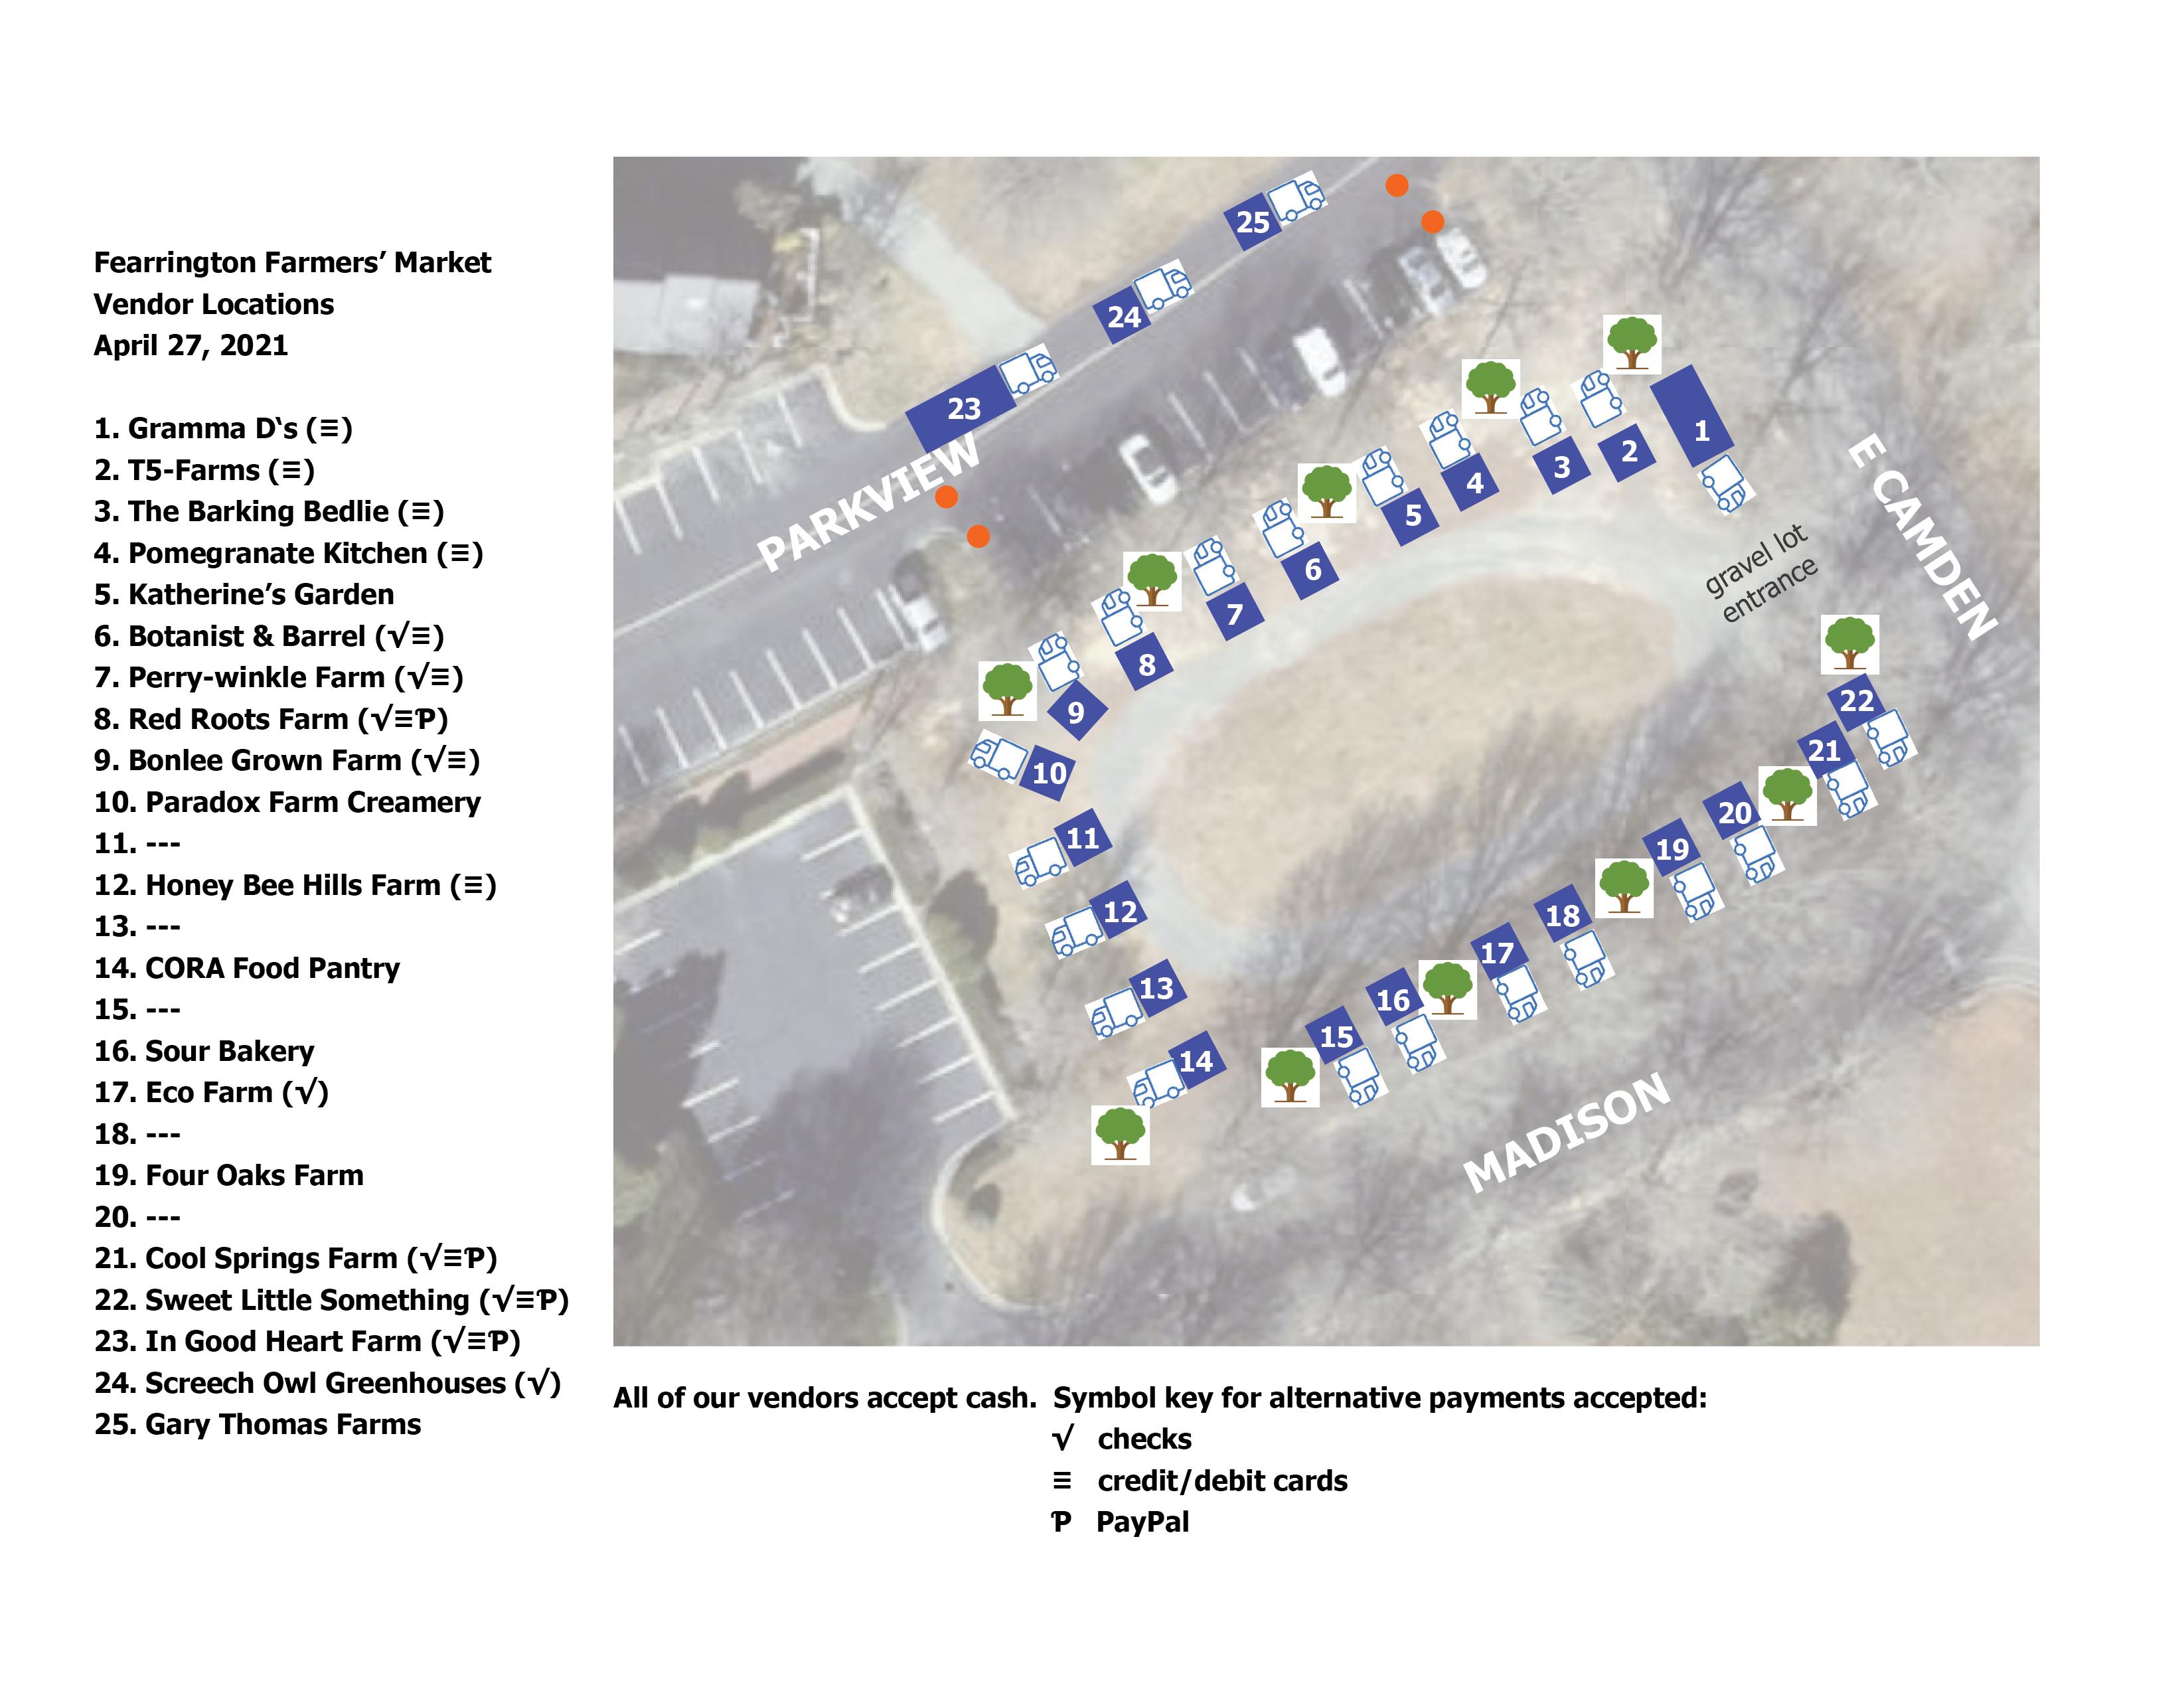 ffm vendor map 042721